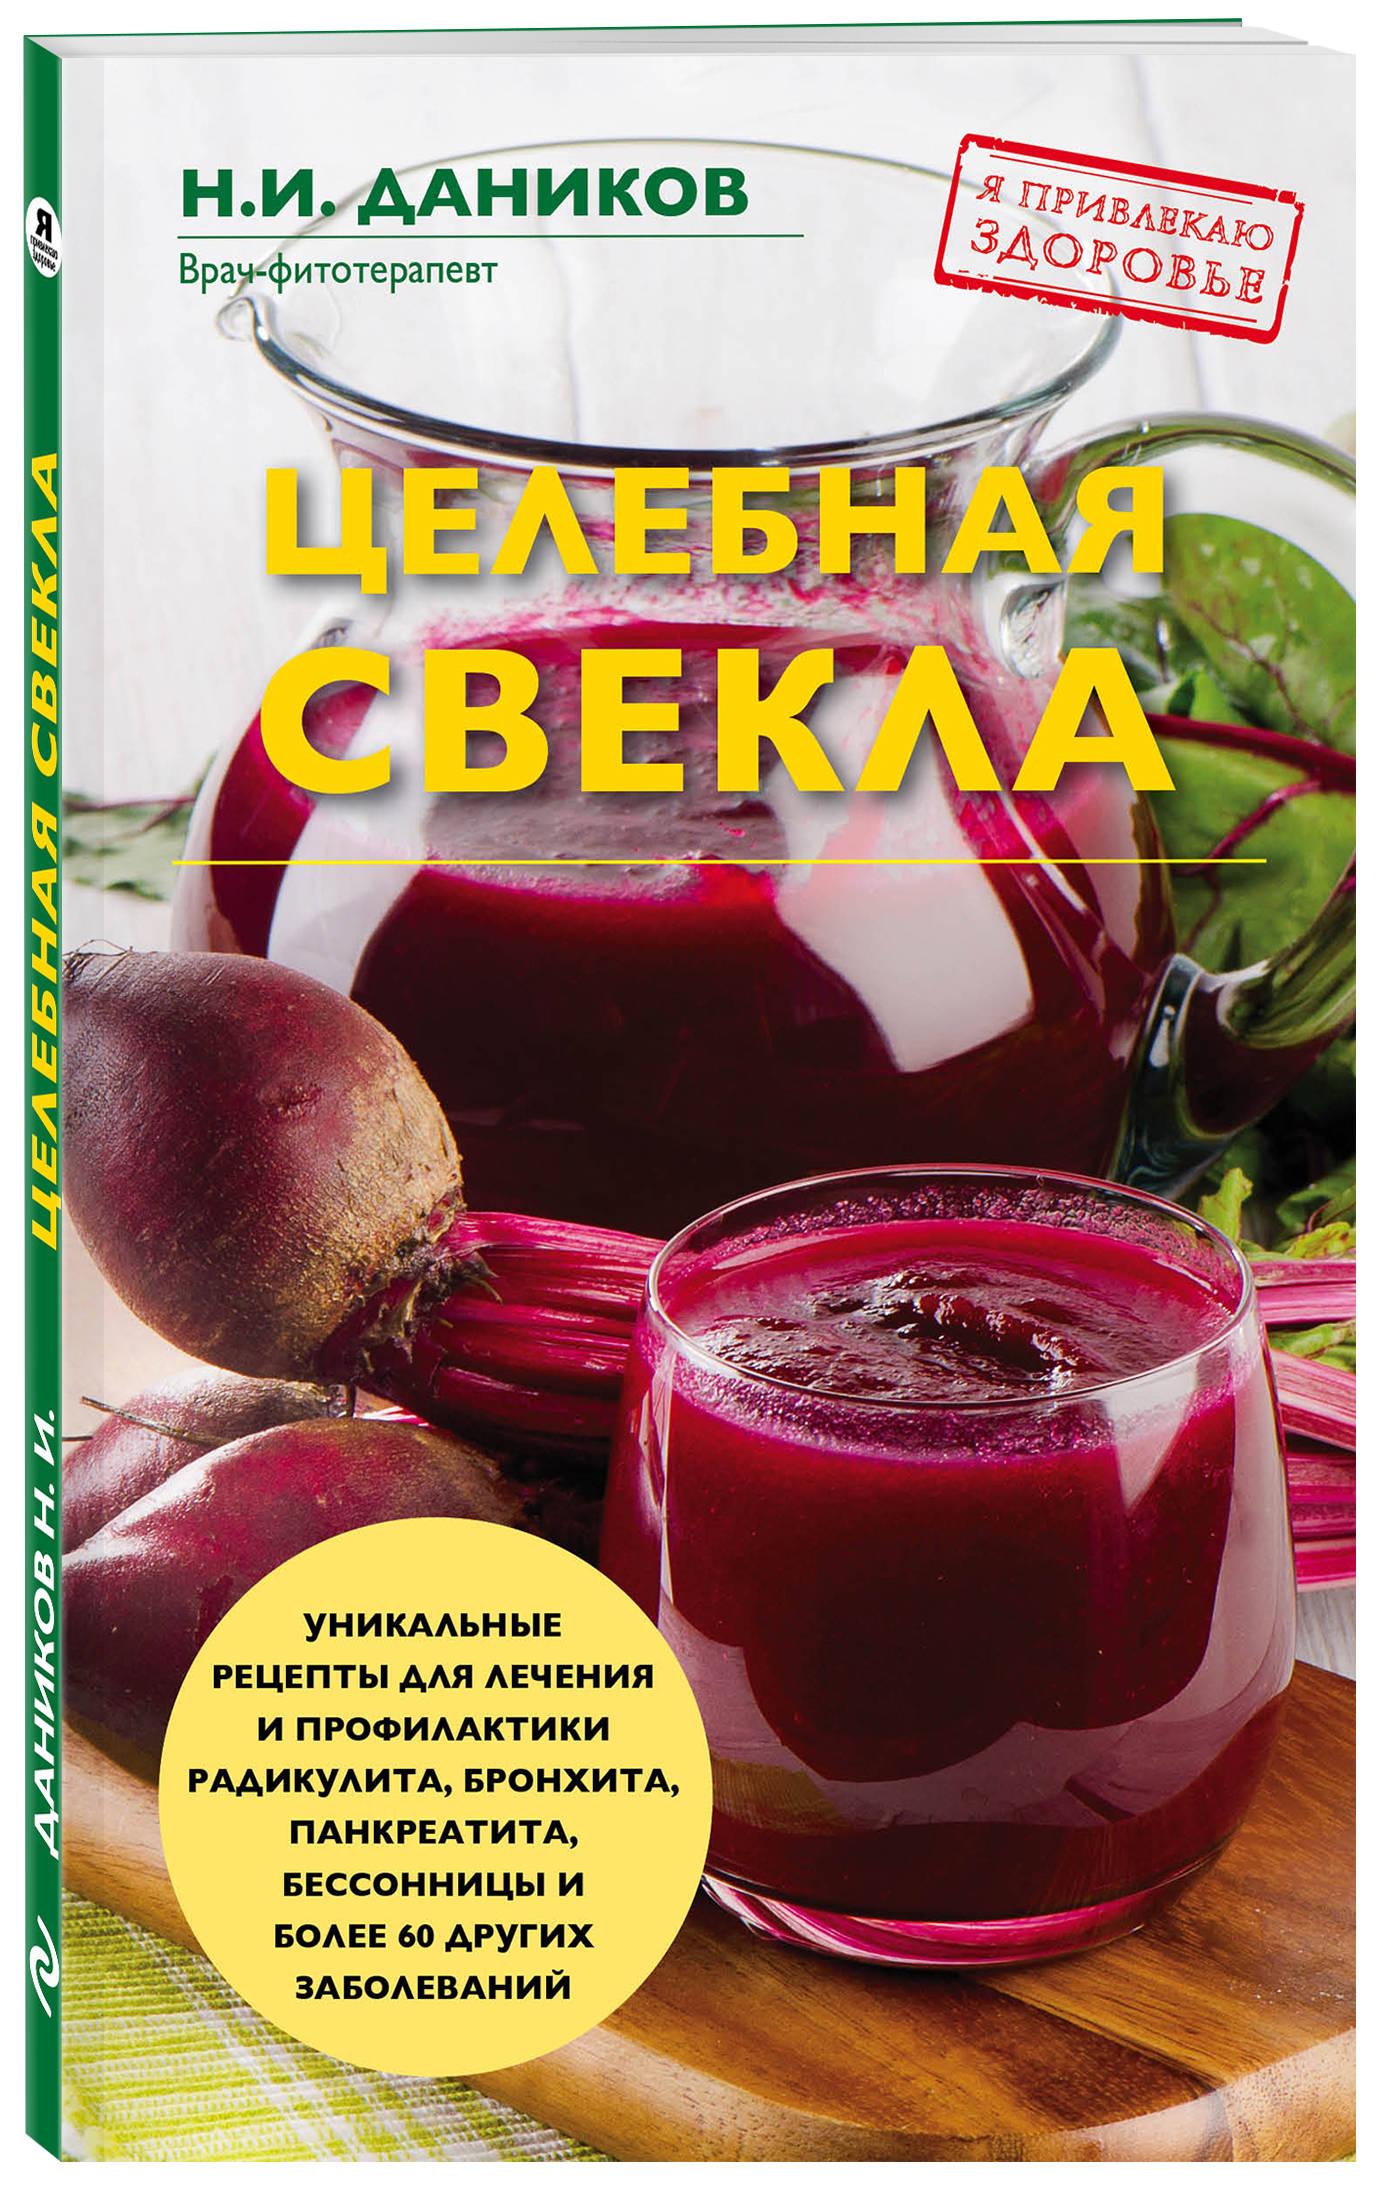 Даников Н.И. Целебная свекла книги эксмо лекарственные средства